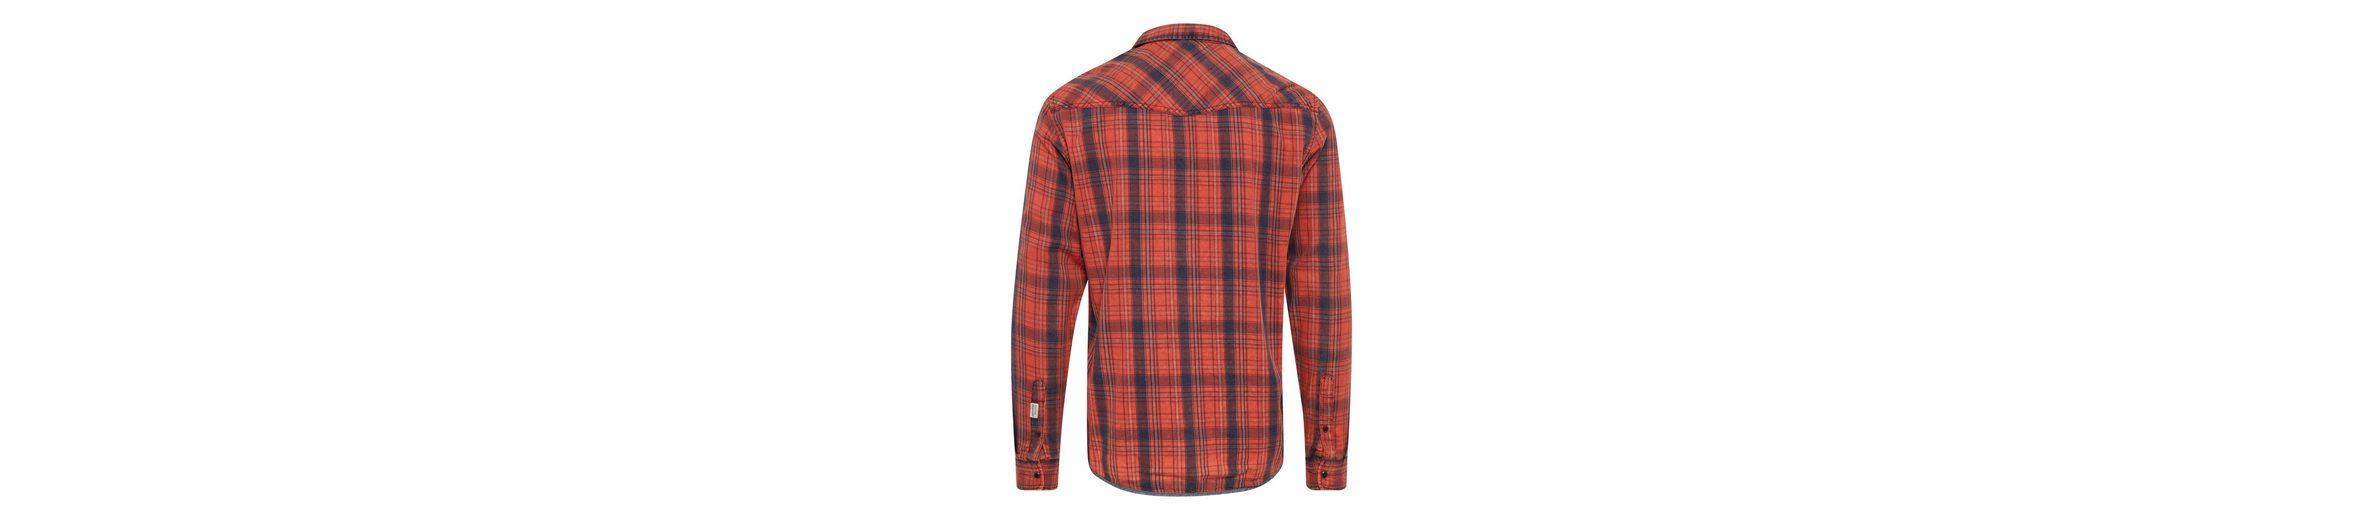 Blend Langarmhemd Spielraum Mode-Stil Sammlungen Billige Auslass Preiswert Günstiger Preis yJ8OJ